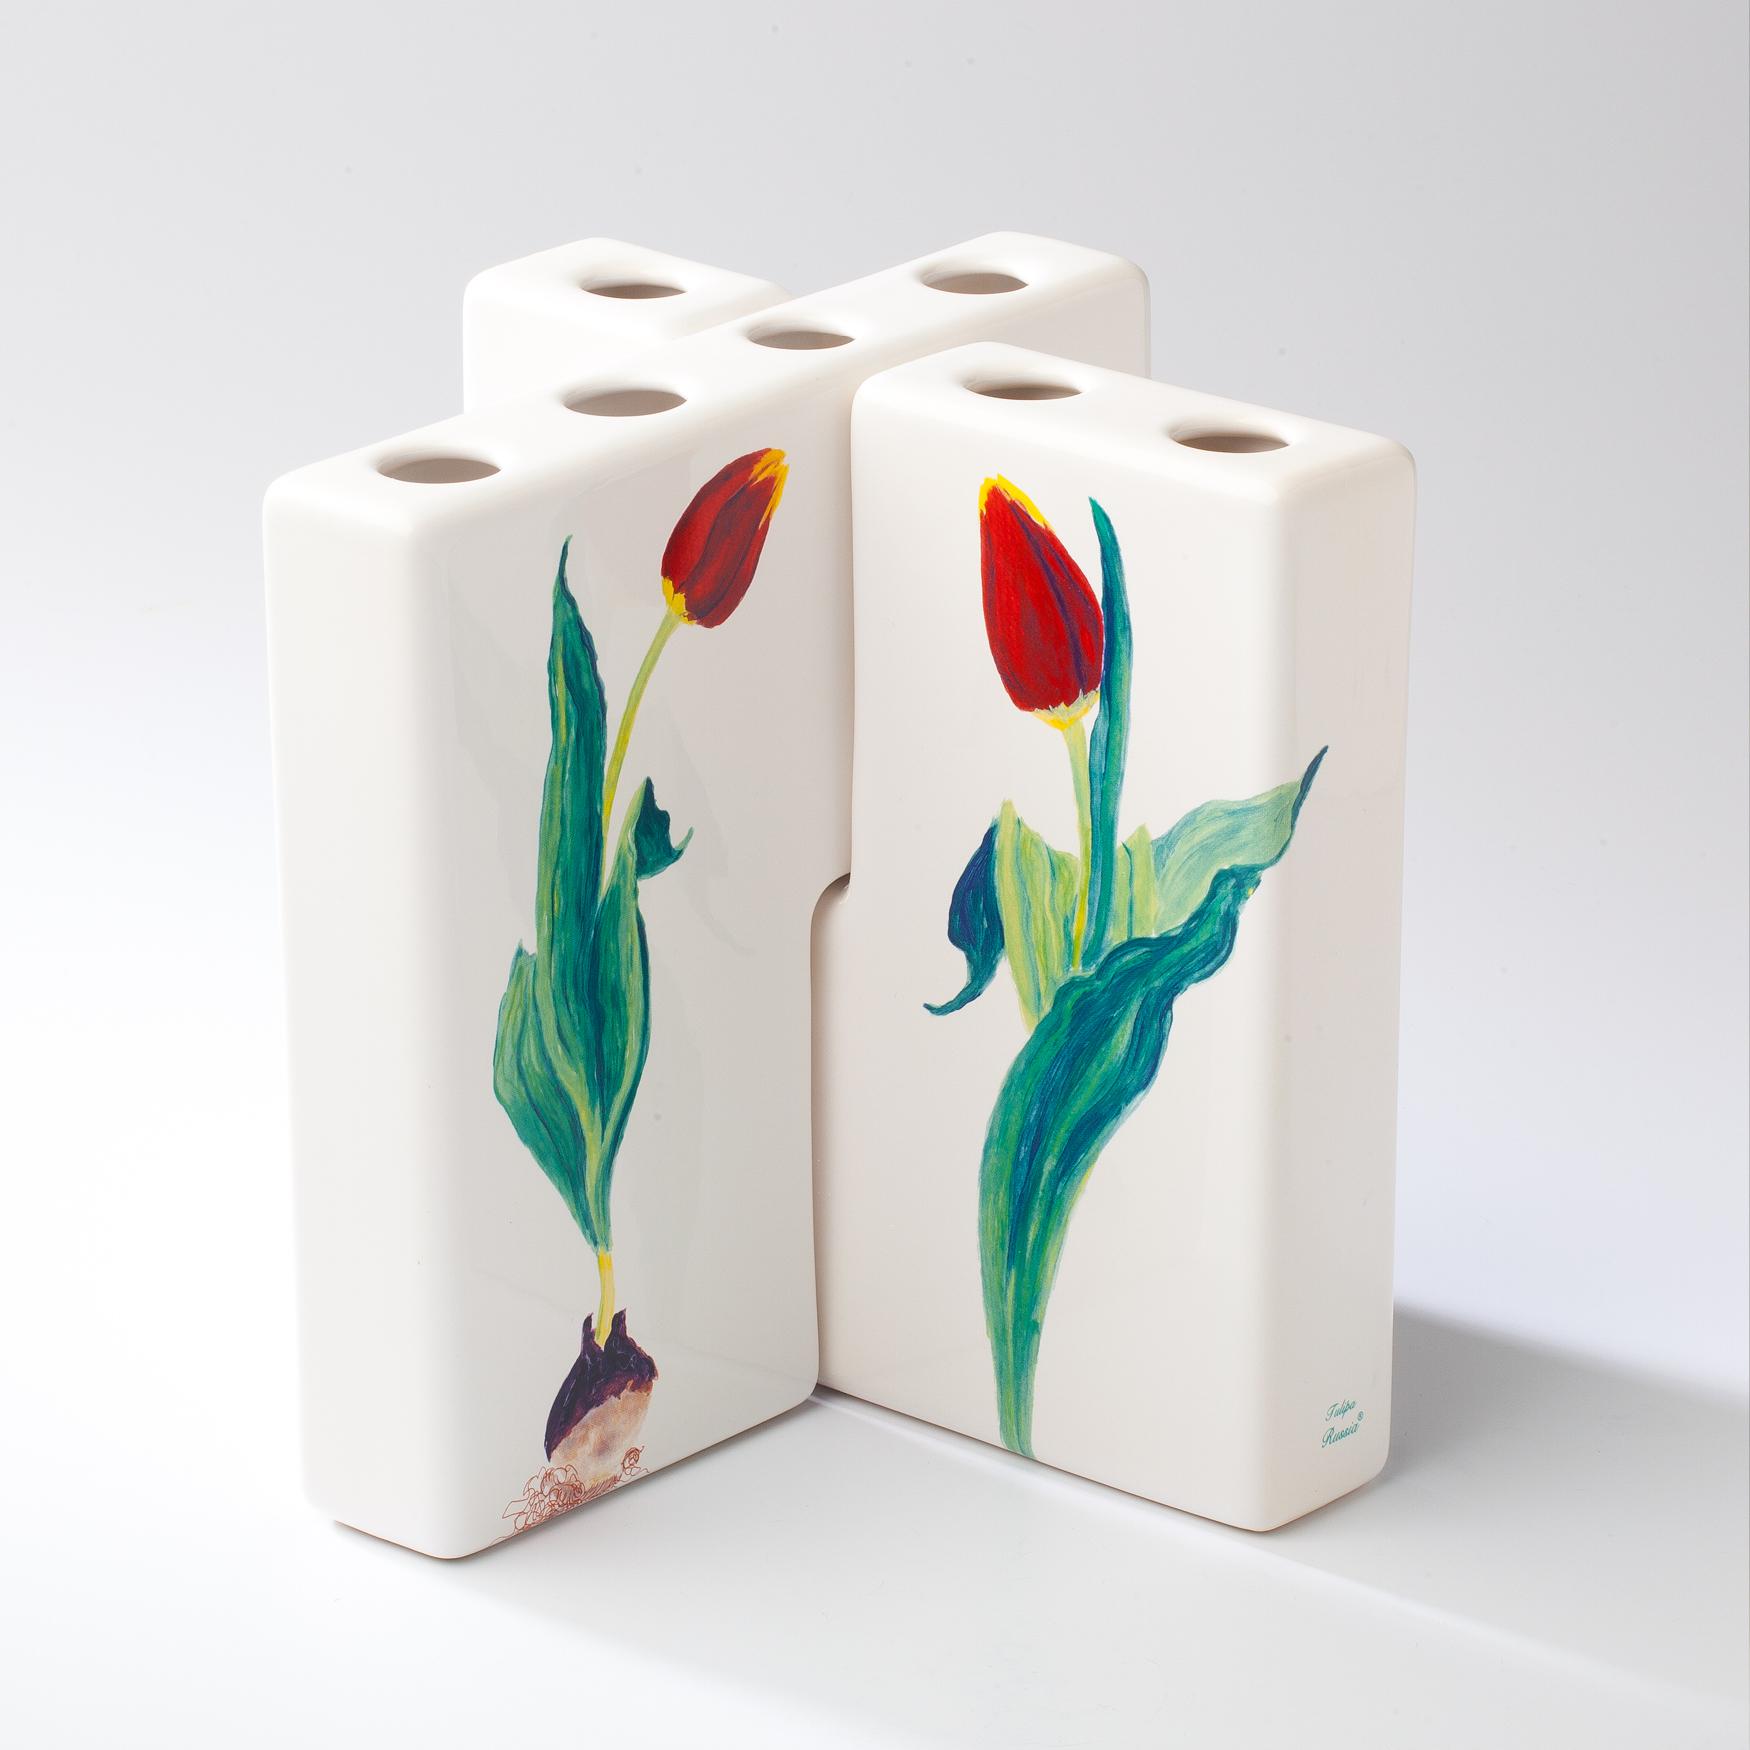 Dianthus-Flowers-Gallery-Vases-1902-14.jpg